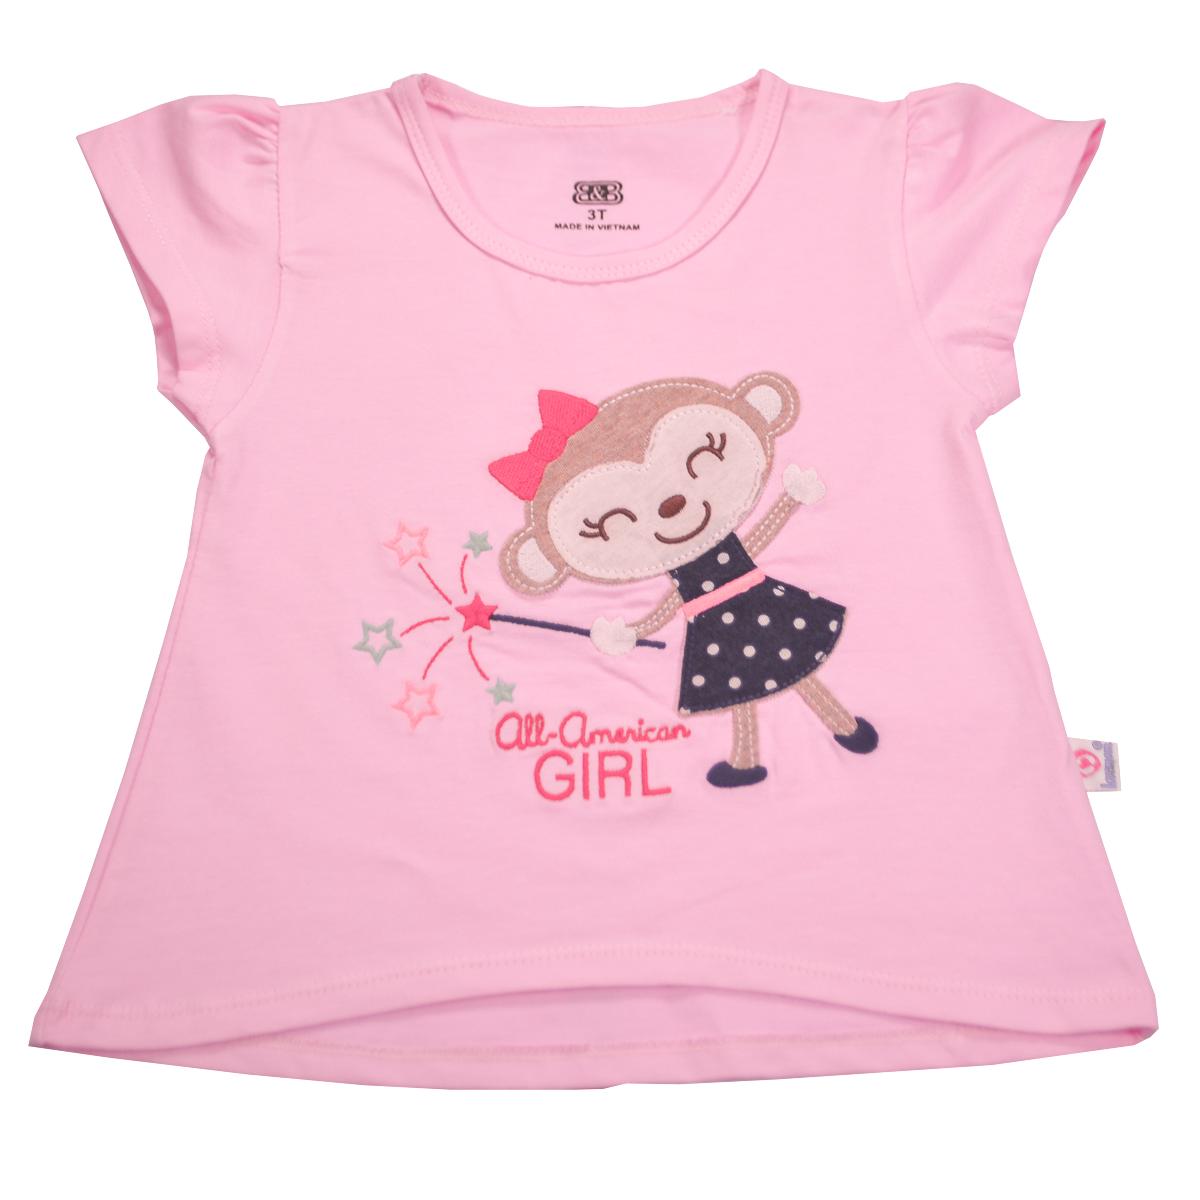 Áo thun bé gái Lovemom màu hồng (thêu công chúa khỉ)